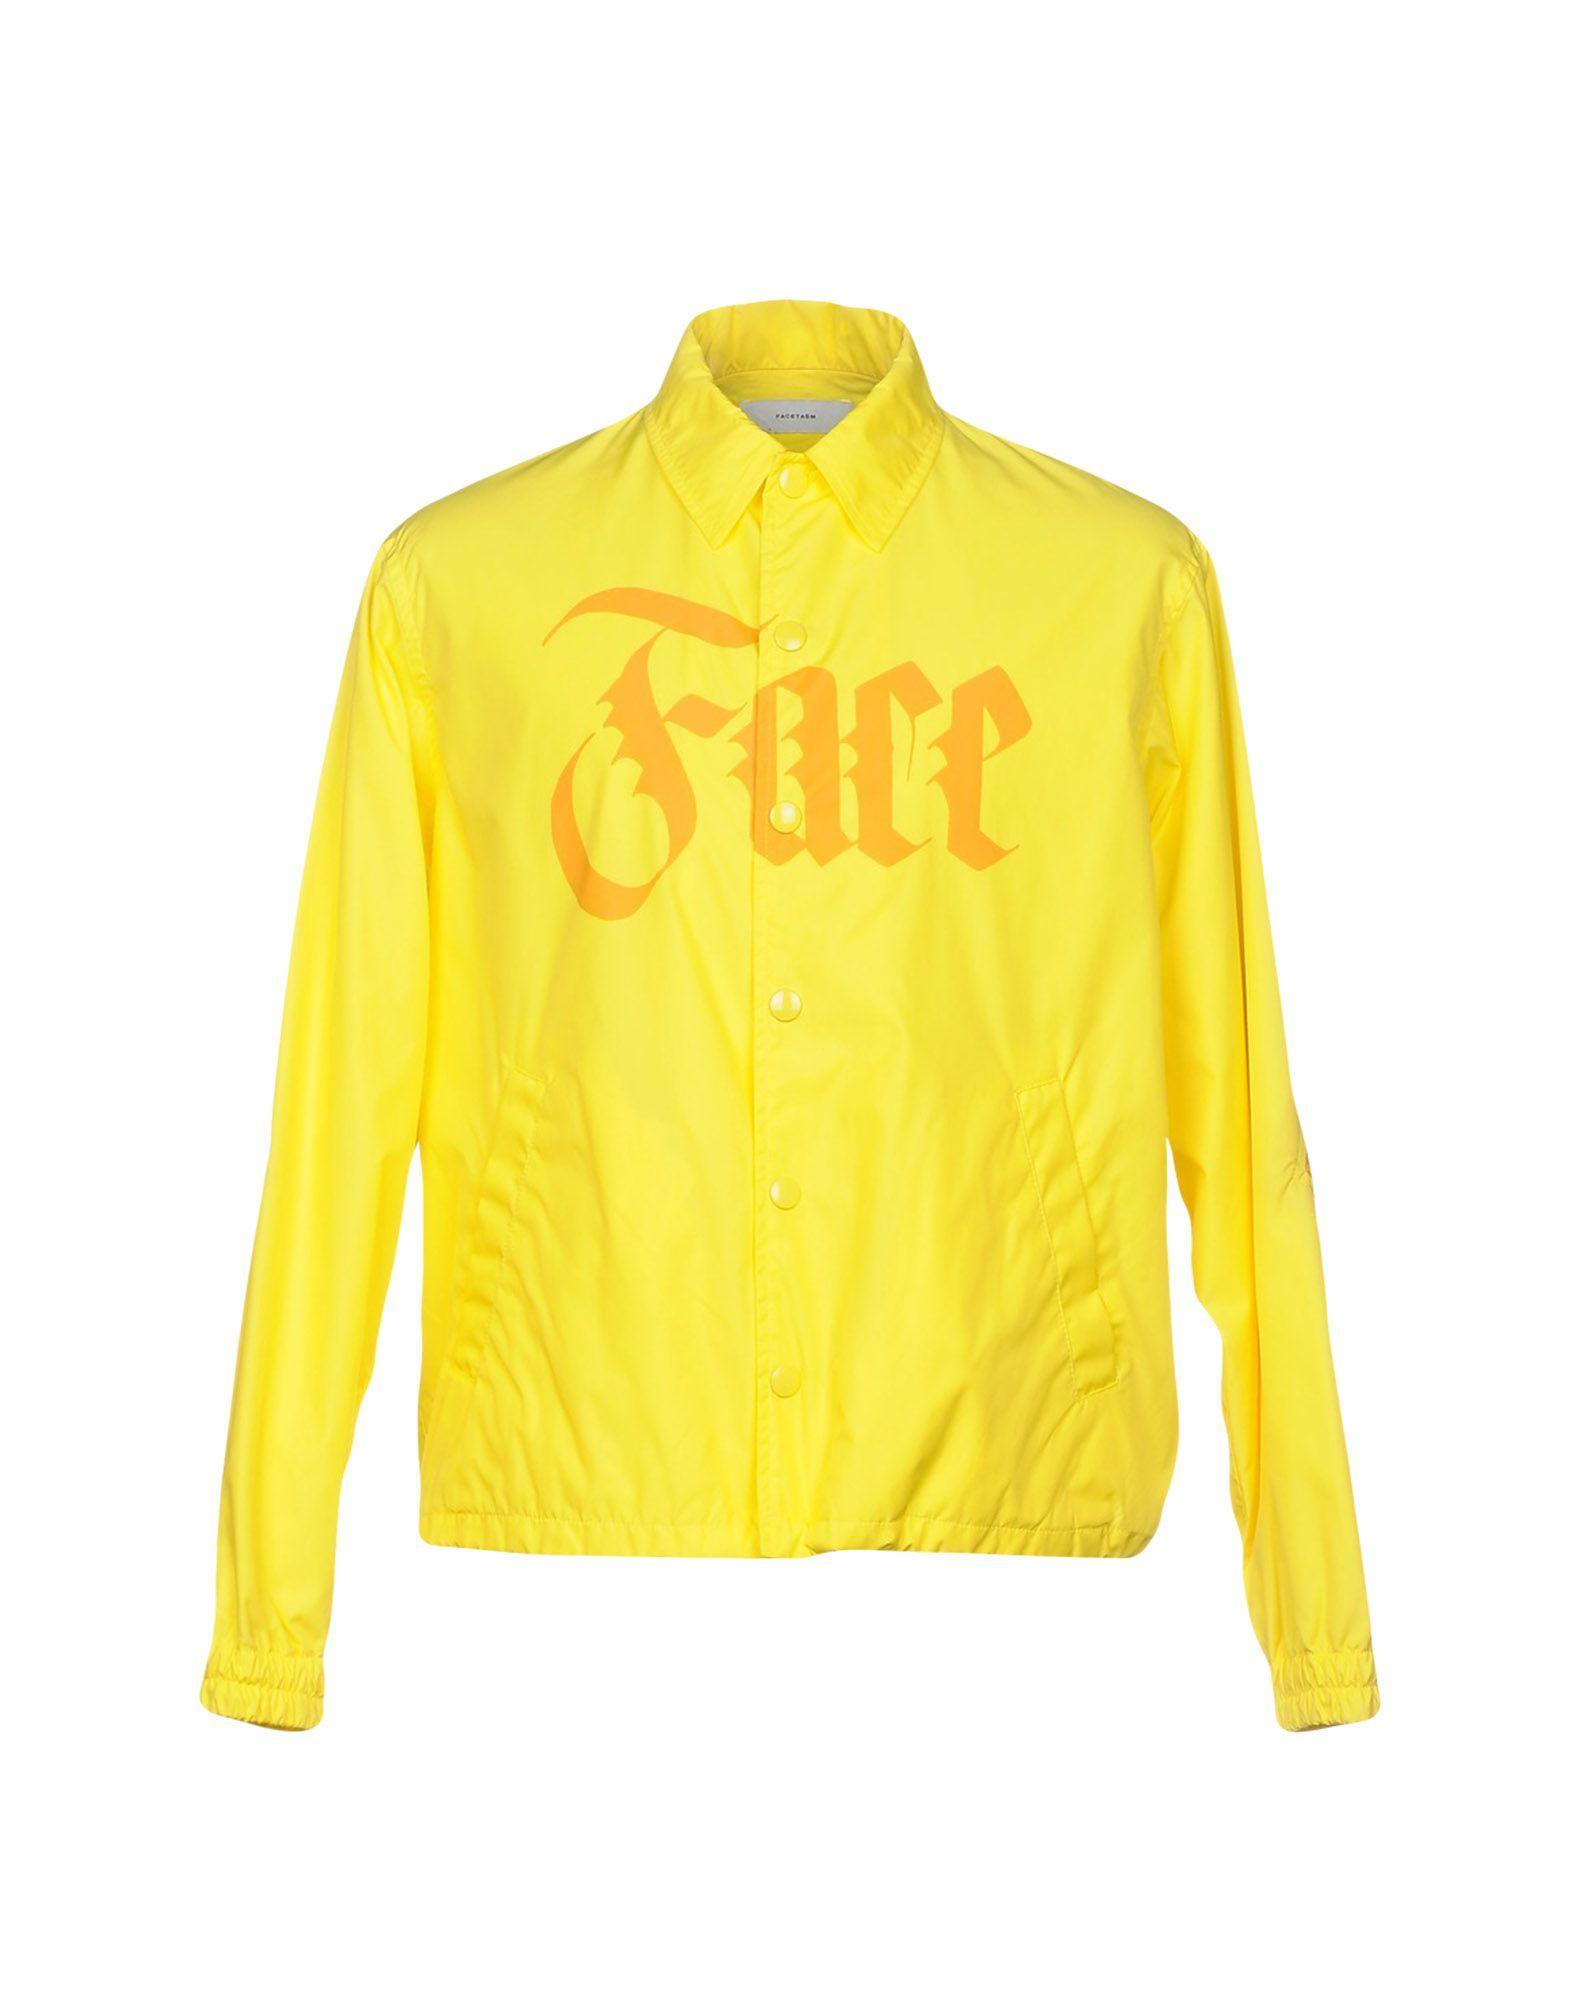 Facetasm Jacket In Yellow